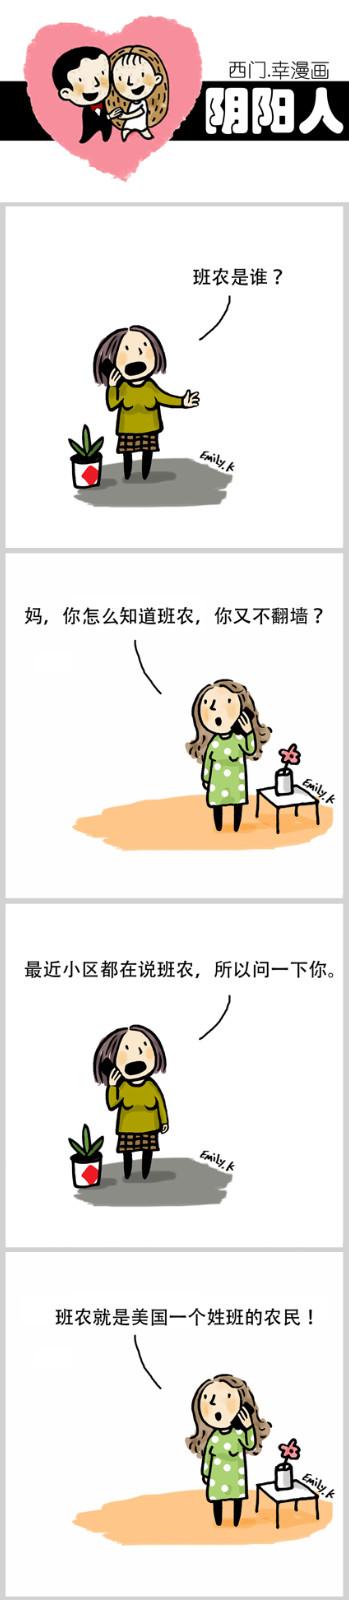 【邝幸漫畫】《阴阳人》班农是谁?_图1-1